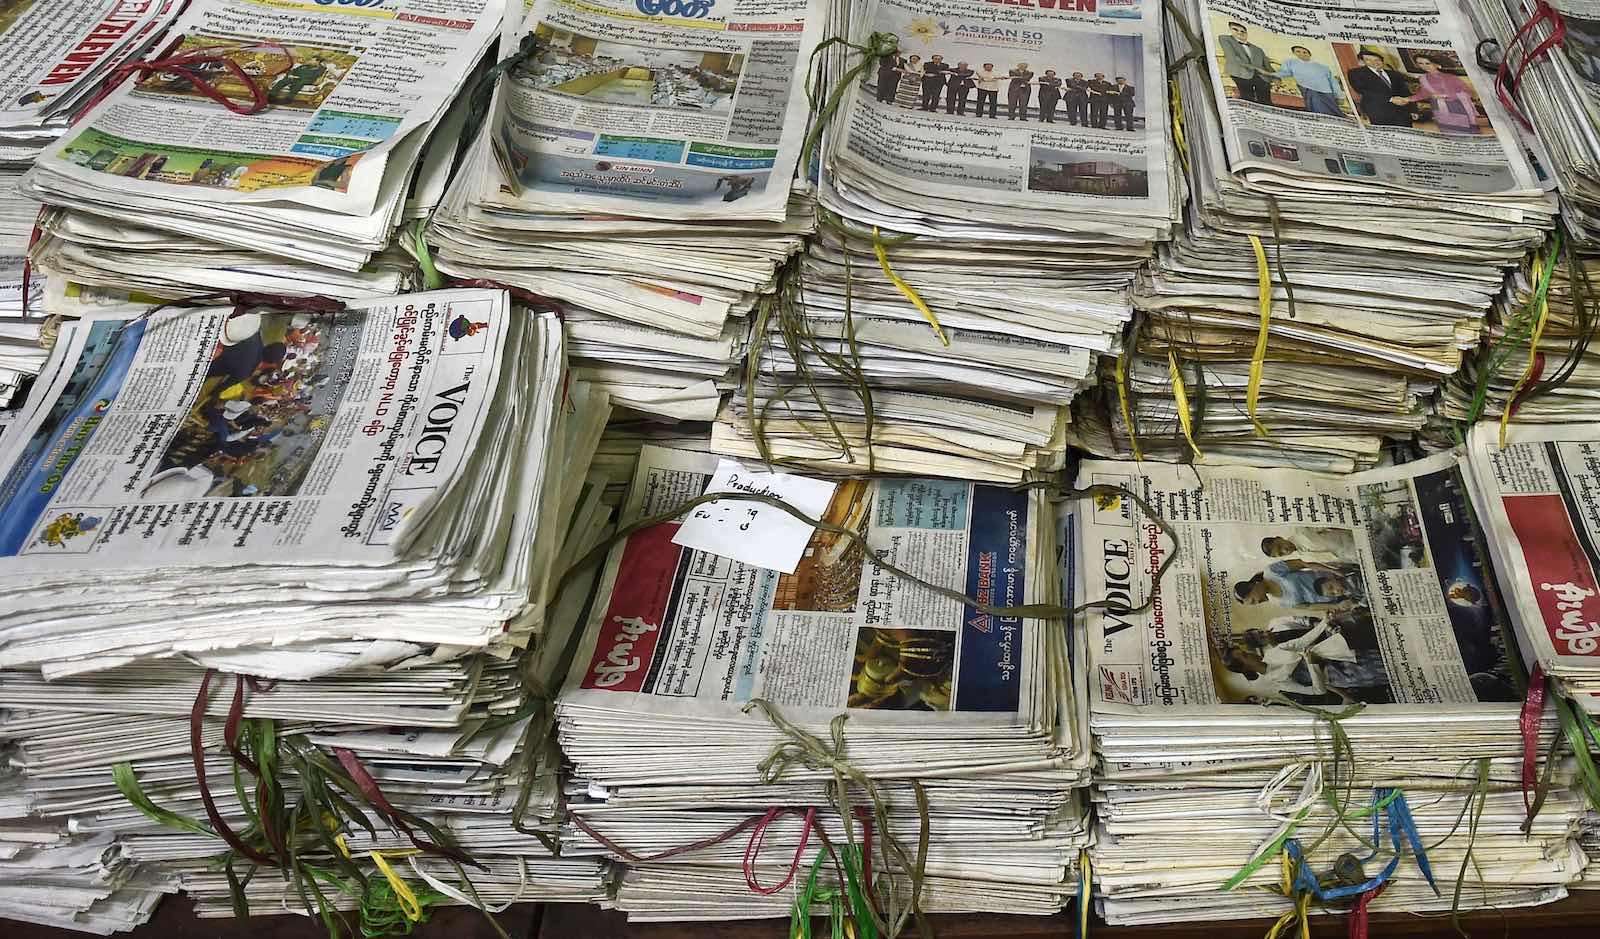 Photo: Ye Aung Thu via Getty